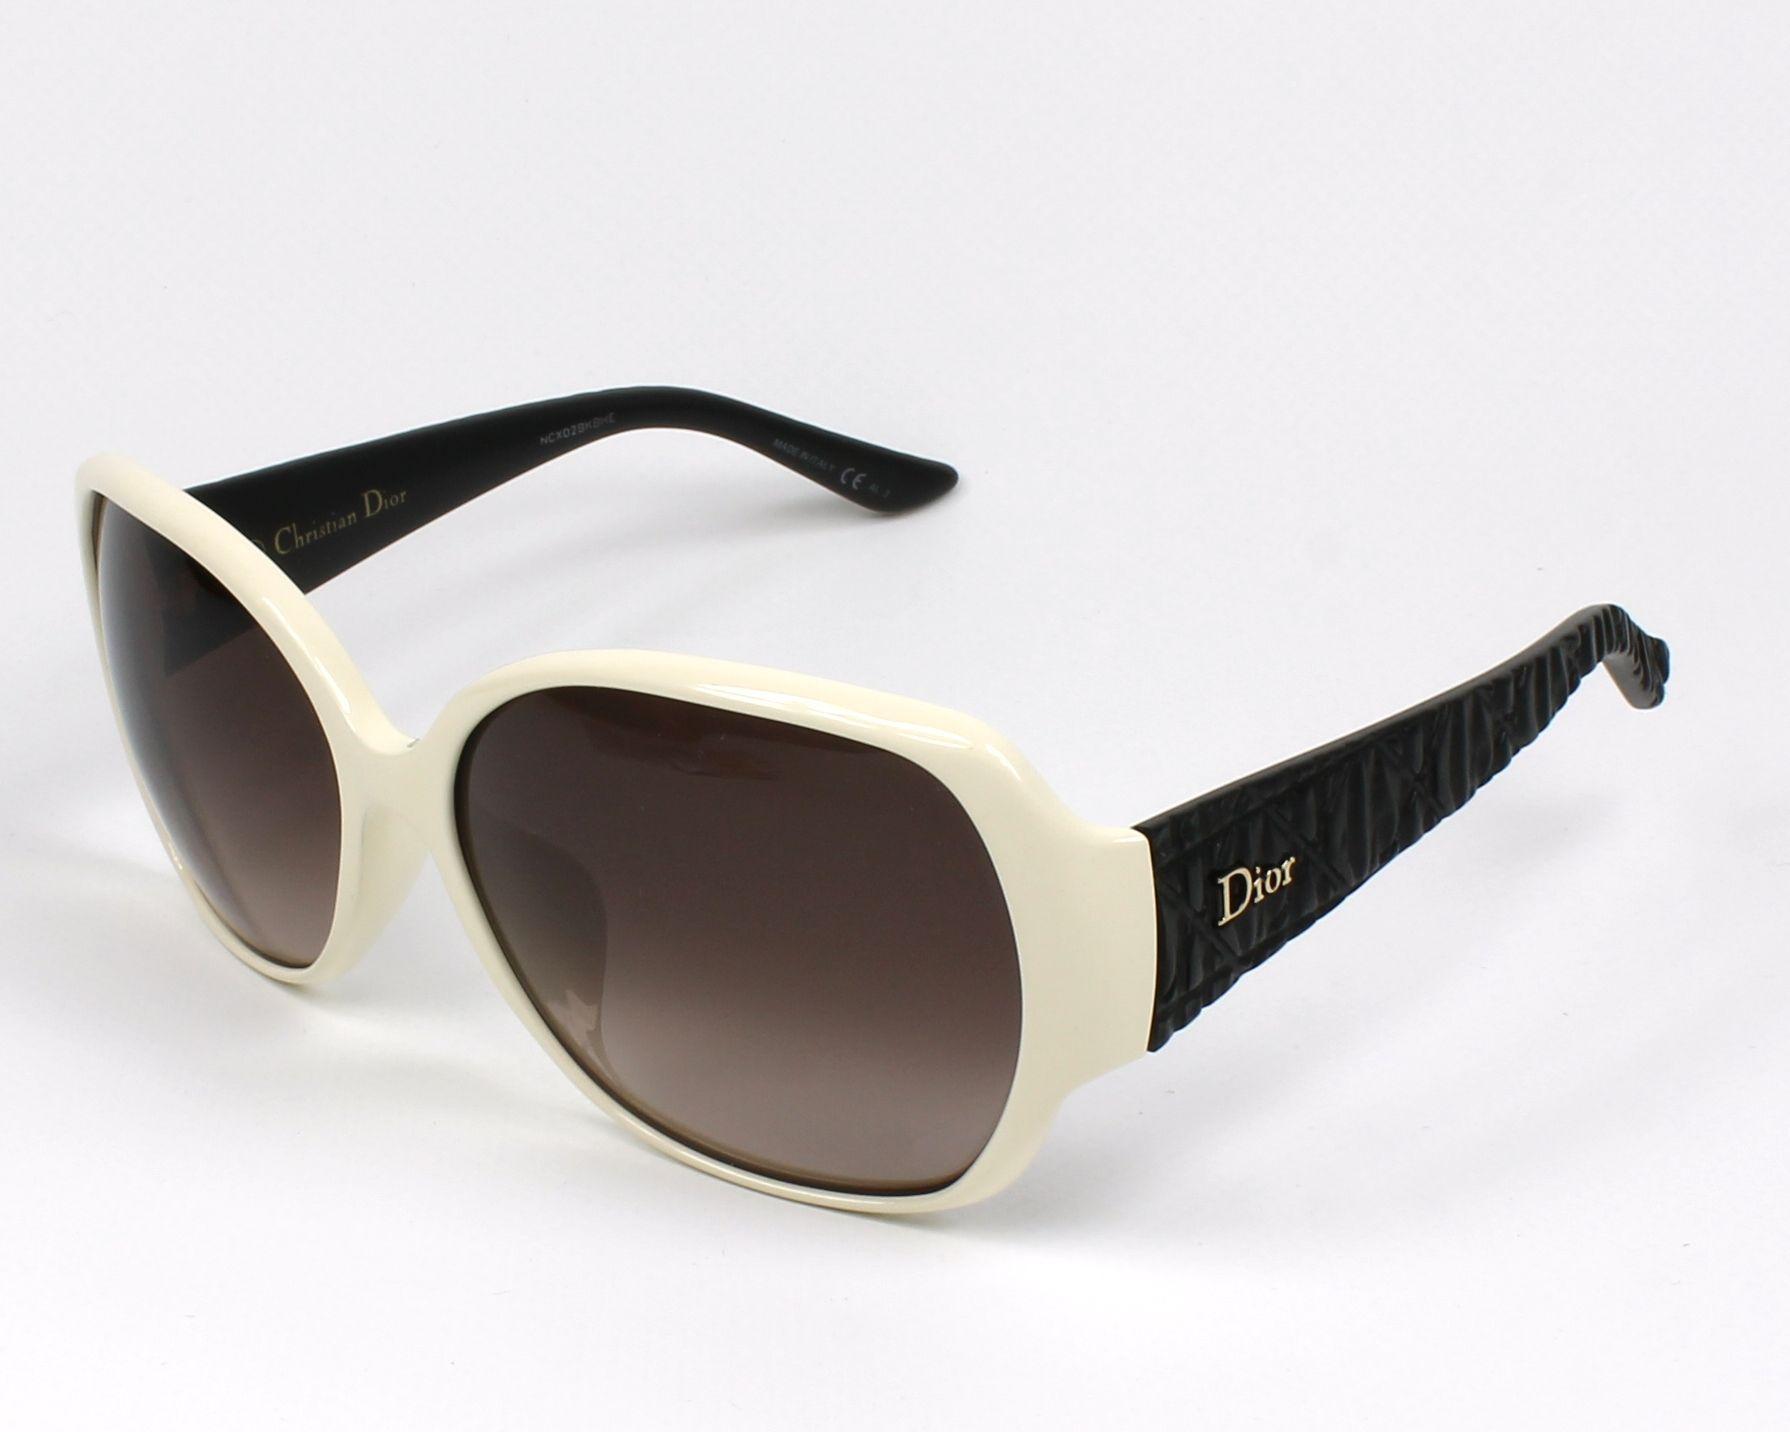 f93447dba4b07 Sunglasses Christian Dior DIORFRISSONF KG1 D8 60-15 White Black profile view